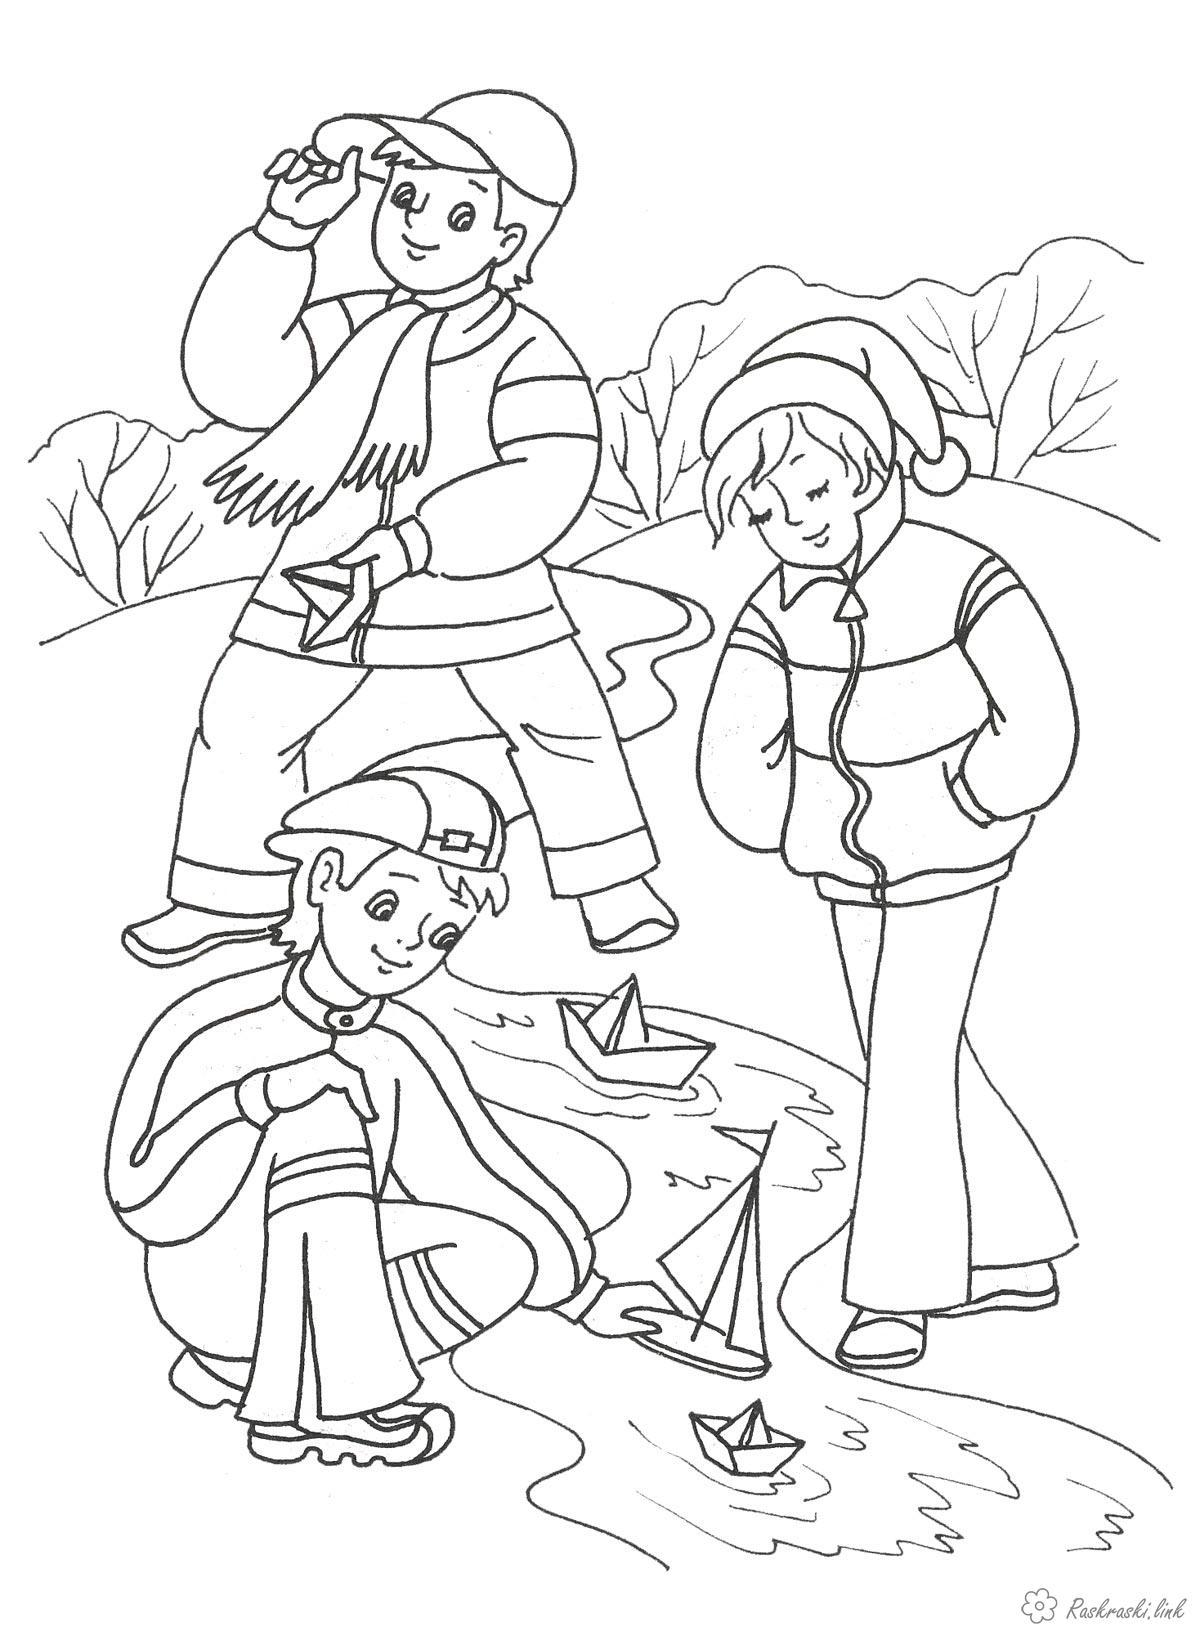 Раскраски природе Детские раскраски, природа, отдых, отдых на природе, мальчик, кораблик, весна, ручей